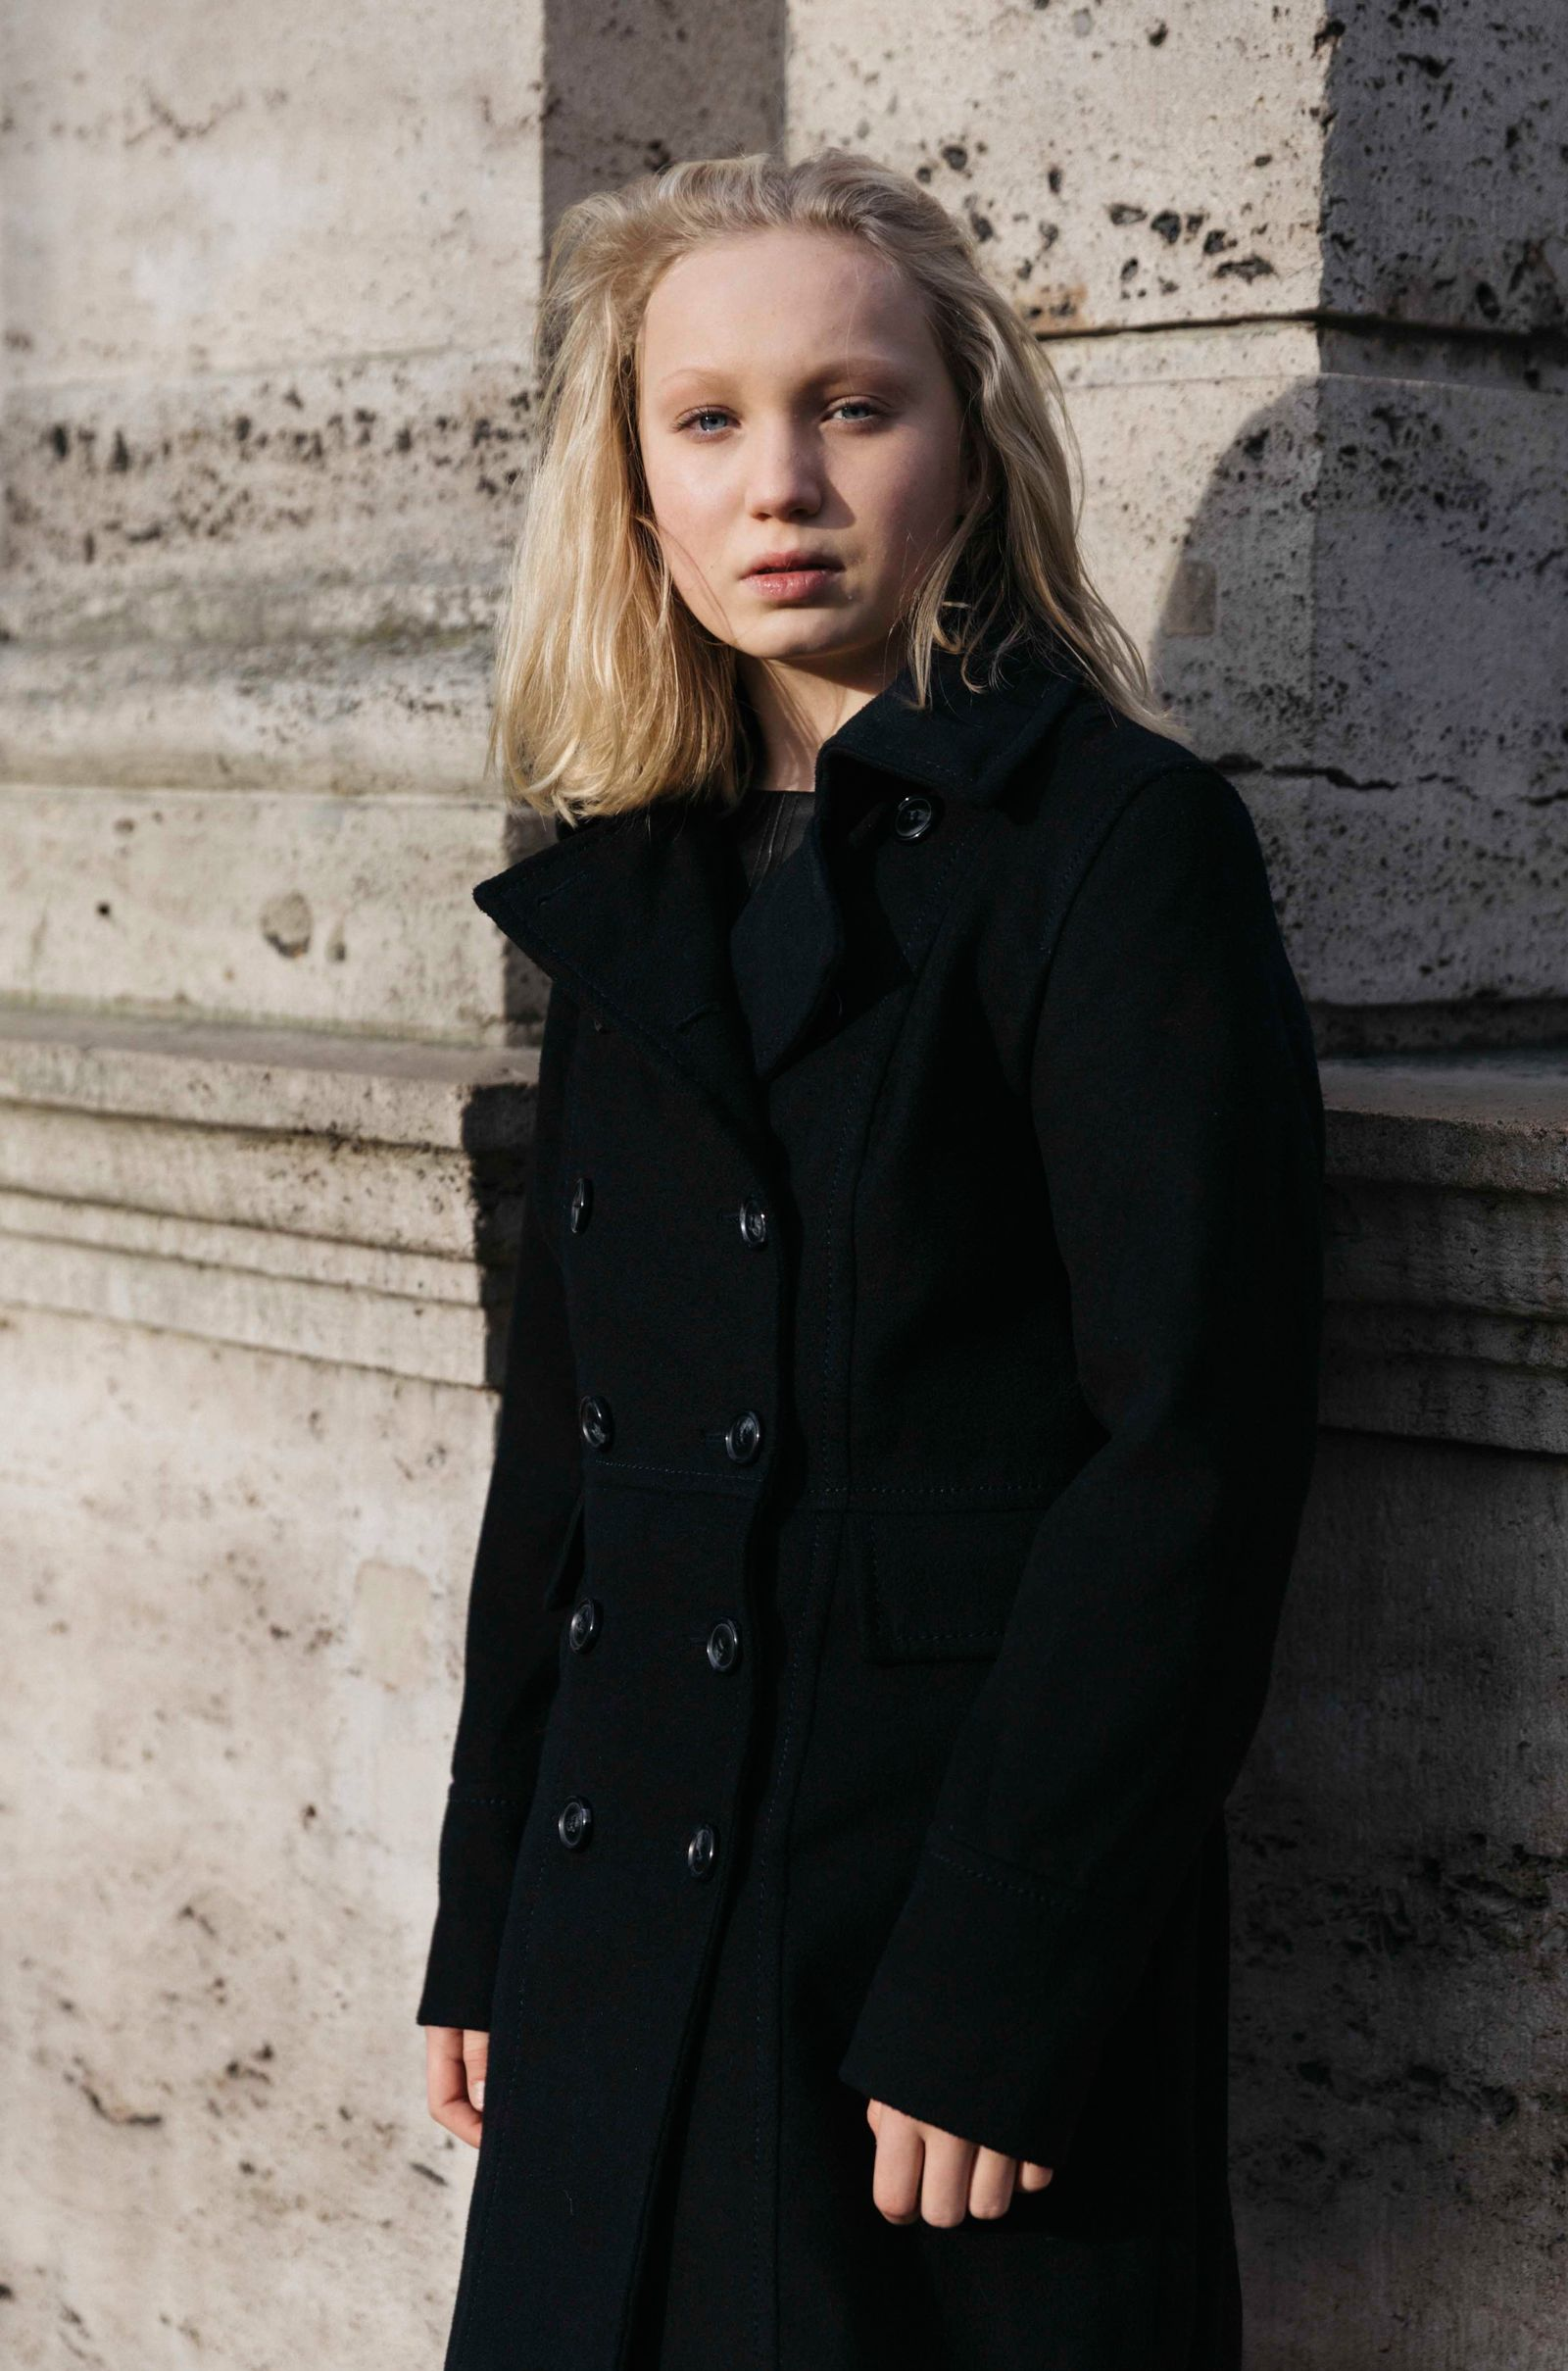 Young Actress Zengel